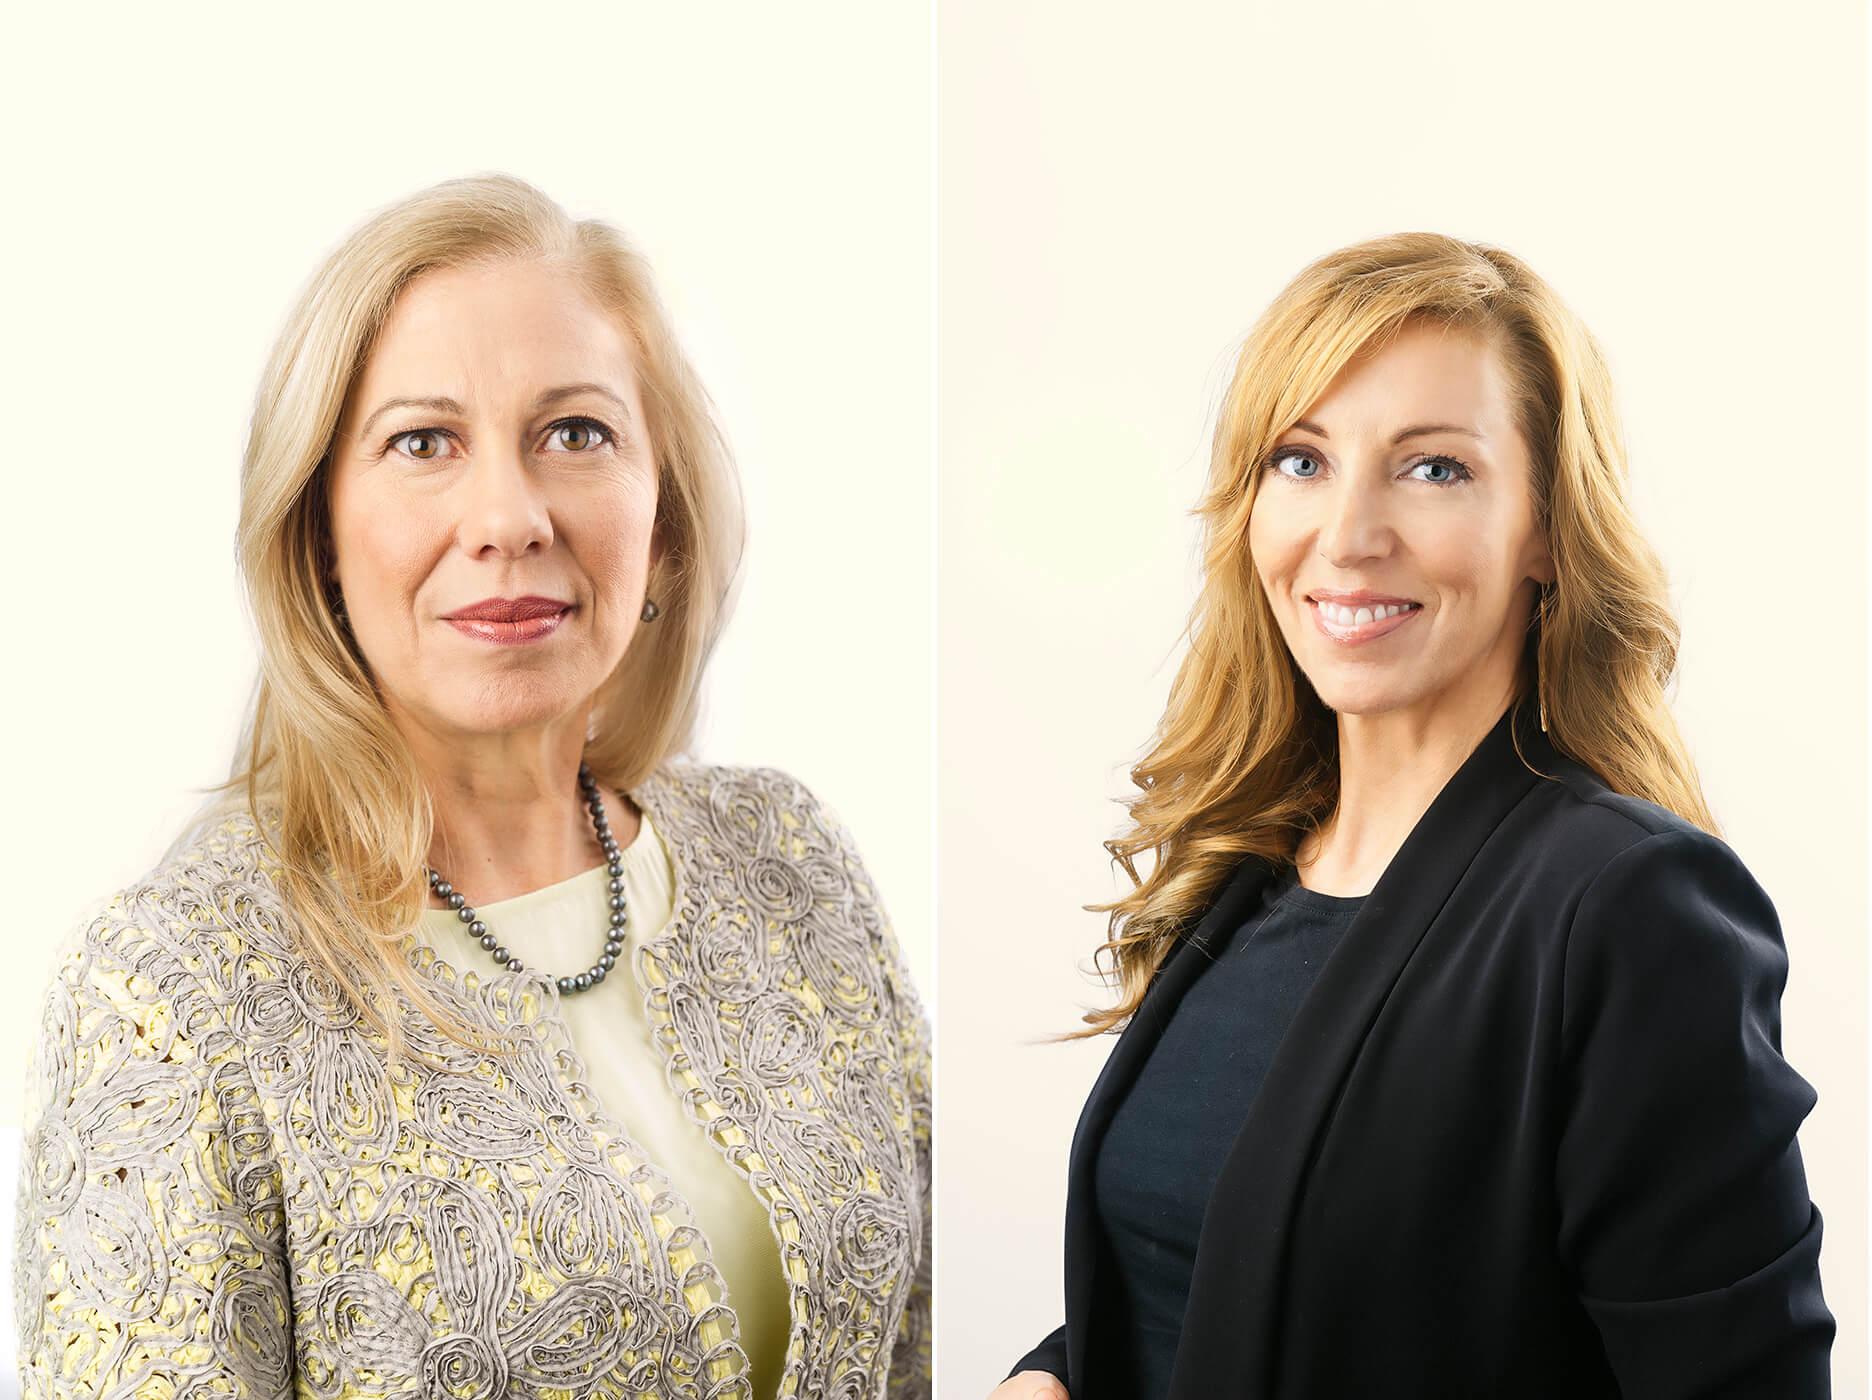 Corporate Headshots and Corporate Portraits